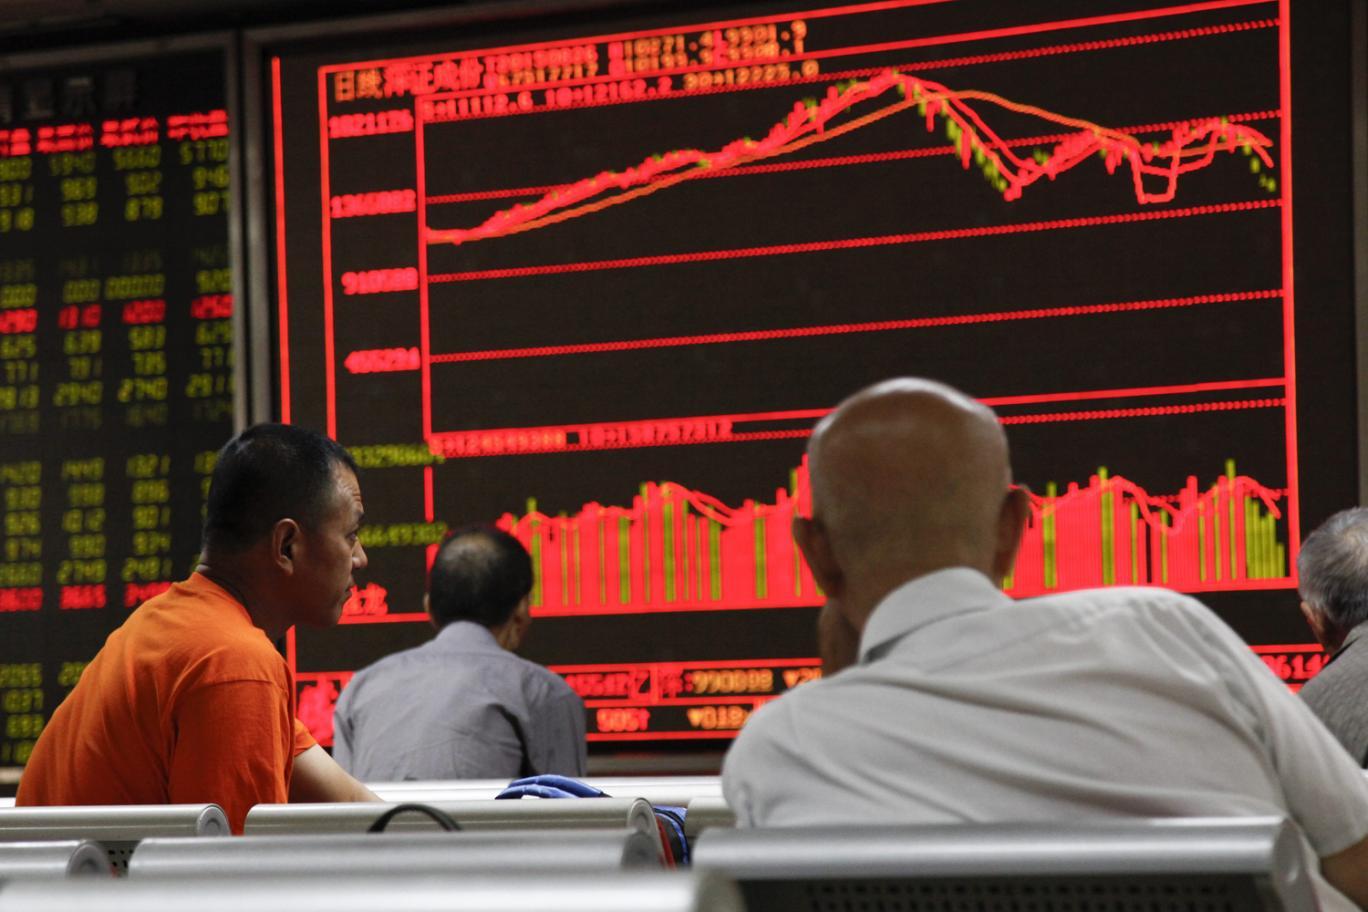 خبراء استثمار يتوقعون أزمة مالية عالمية جديدة خلال 3 سنوات